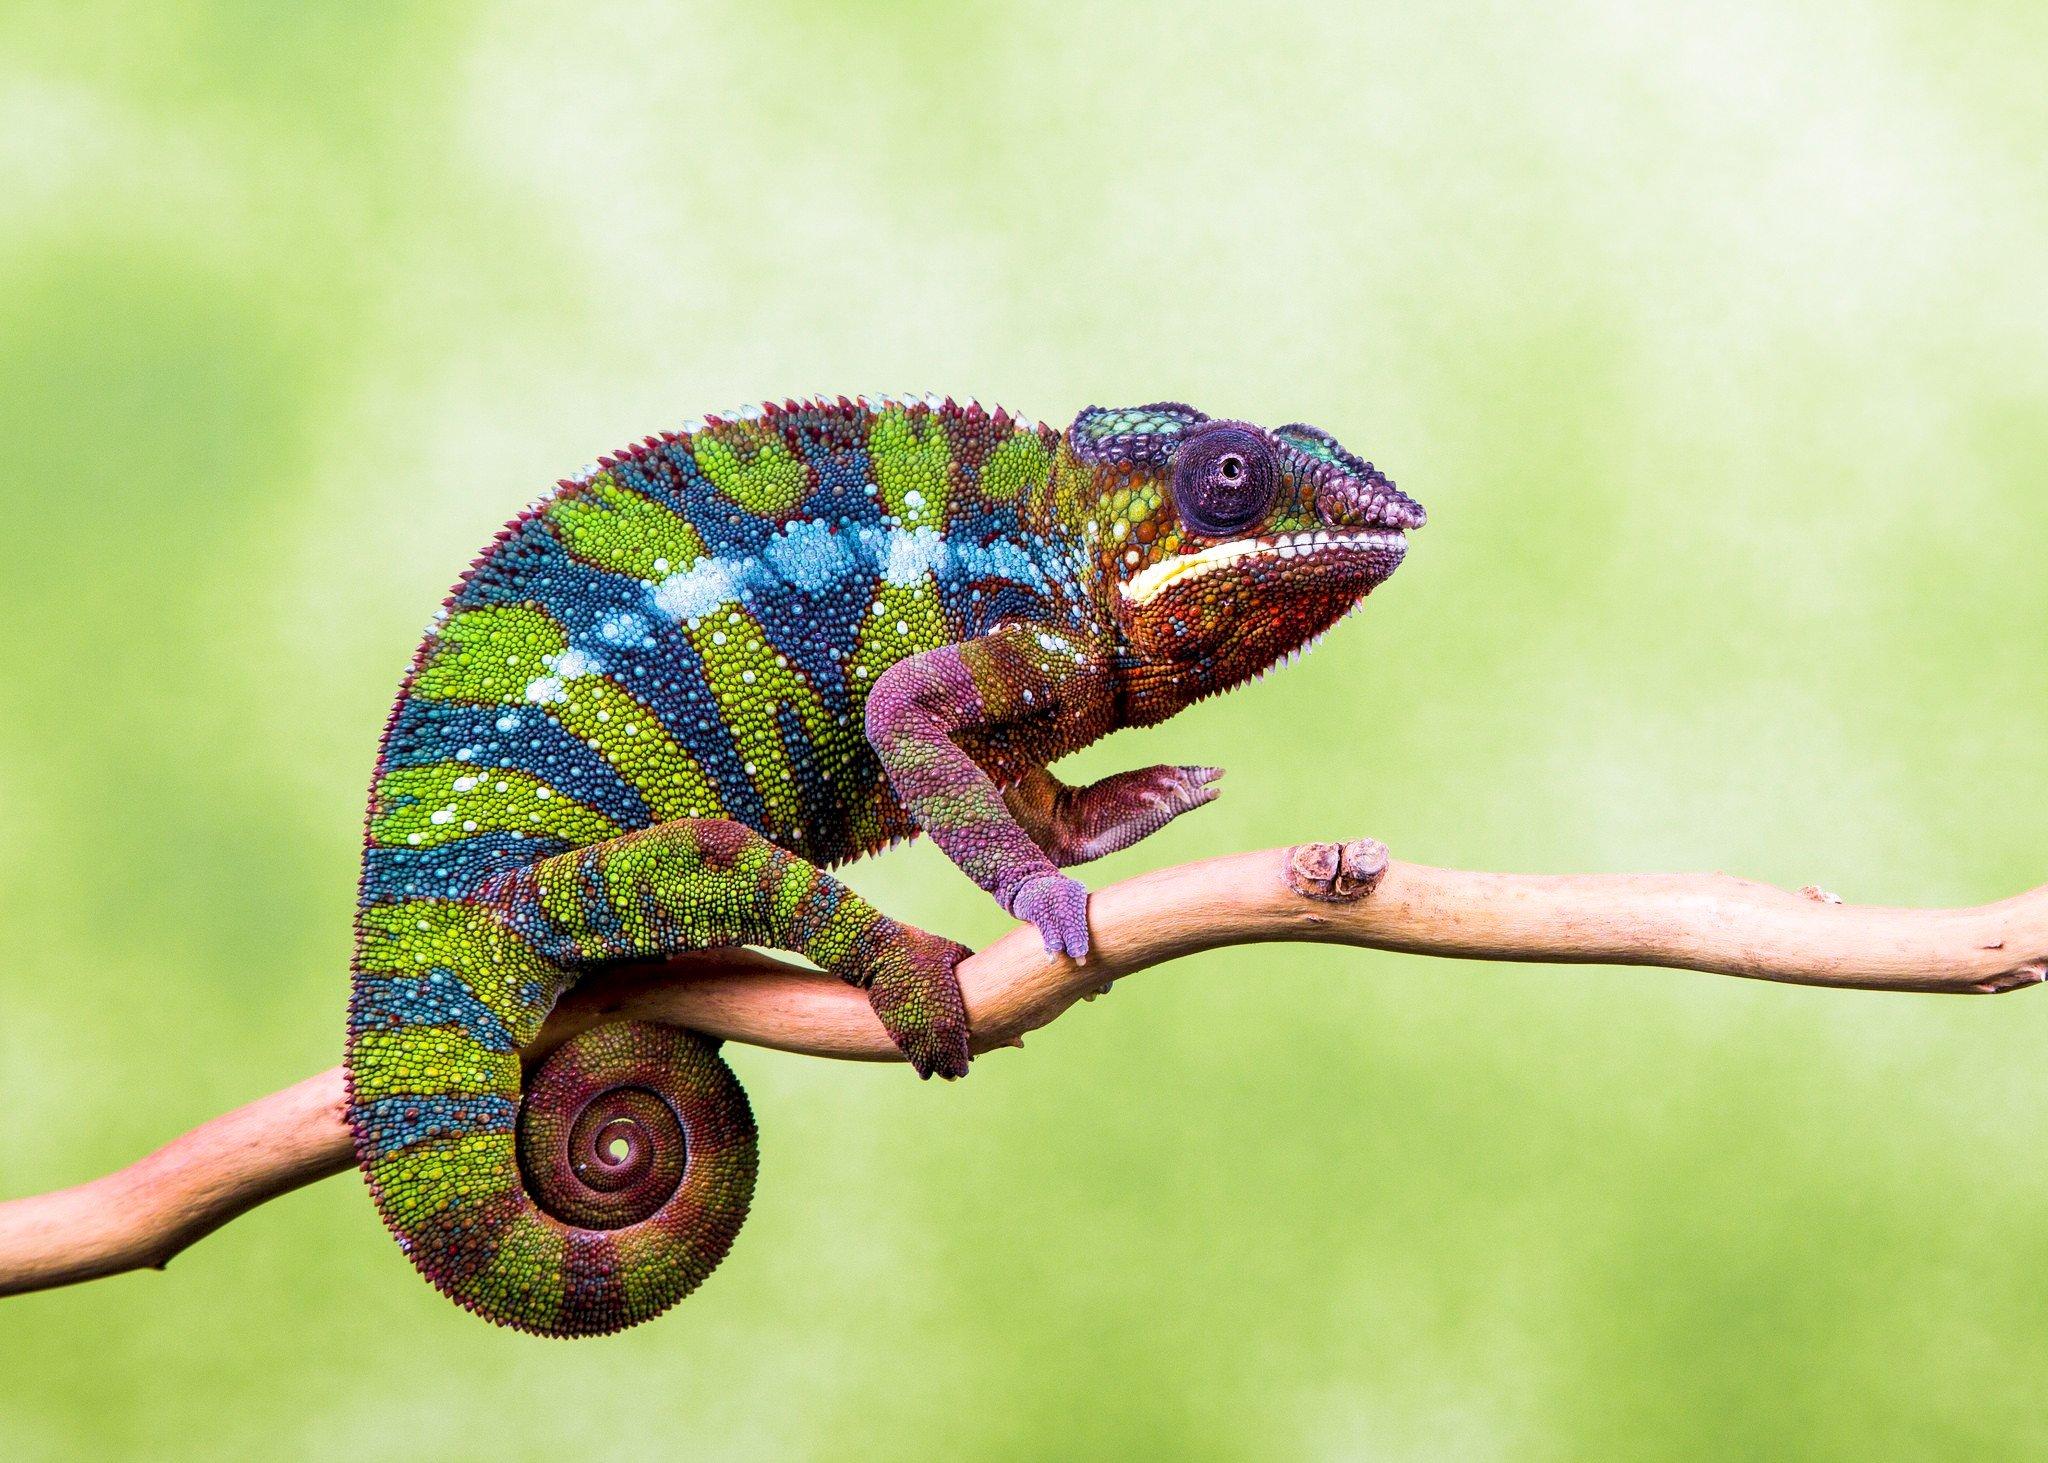 когда-нибудь картинки хамелеона животное срывы, синяки